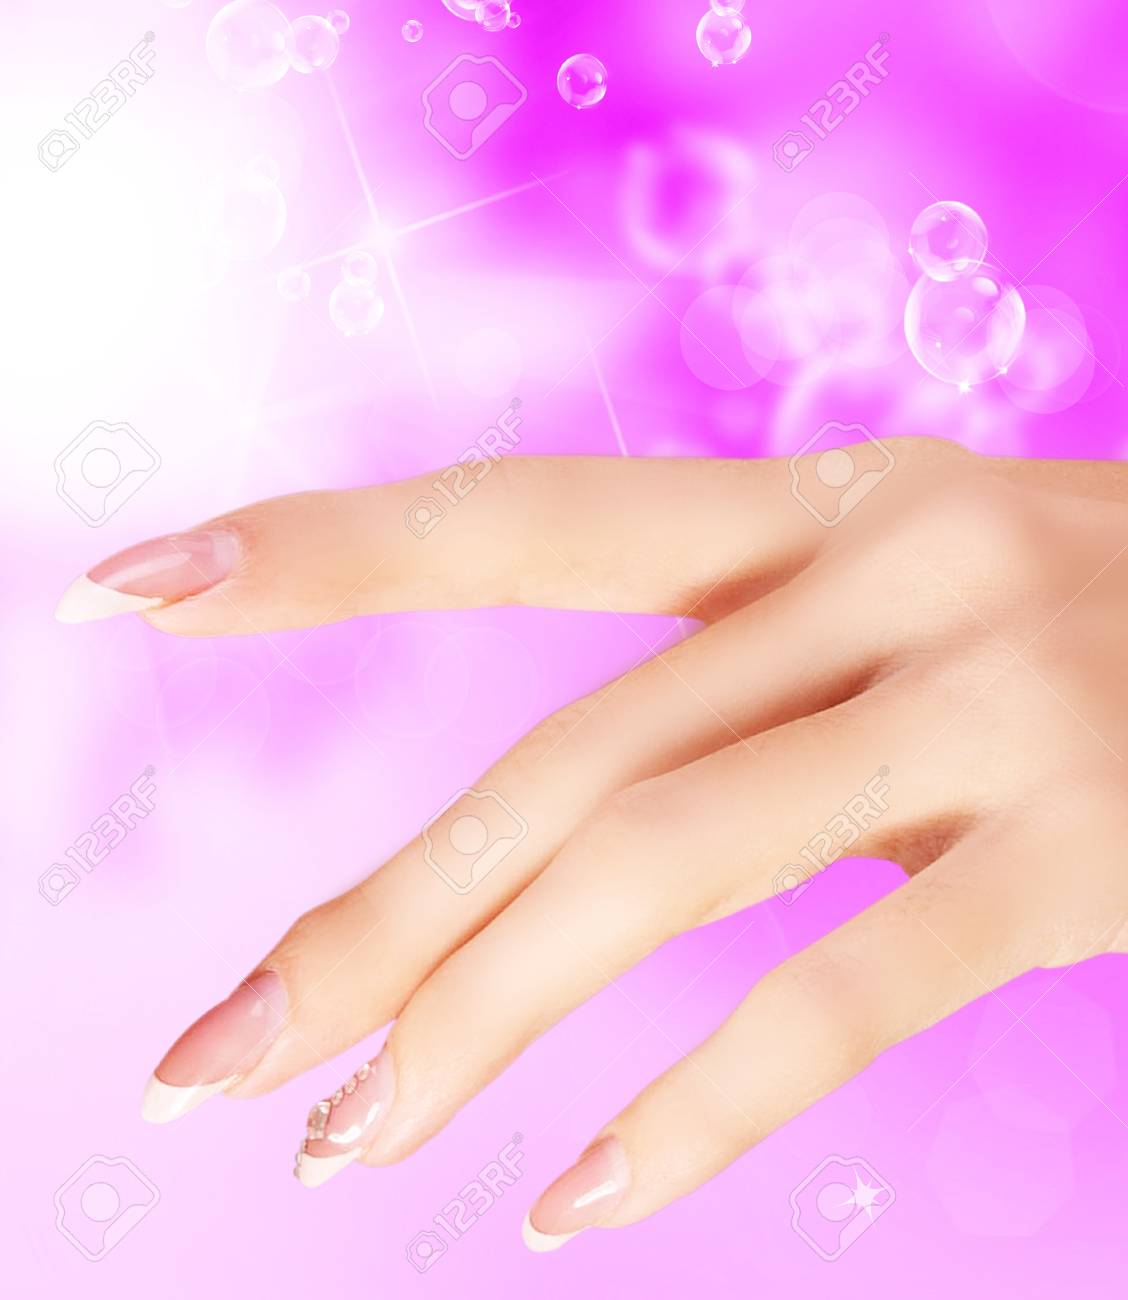 Hellrosa Kunst-Maniküre. Nail. Schönheit Händen. Fashion Stilvolle ...